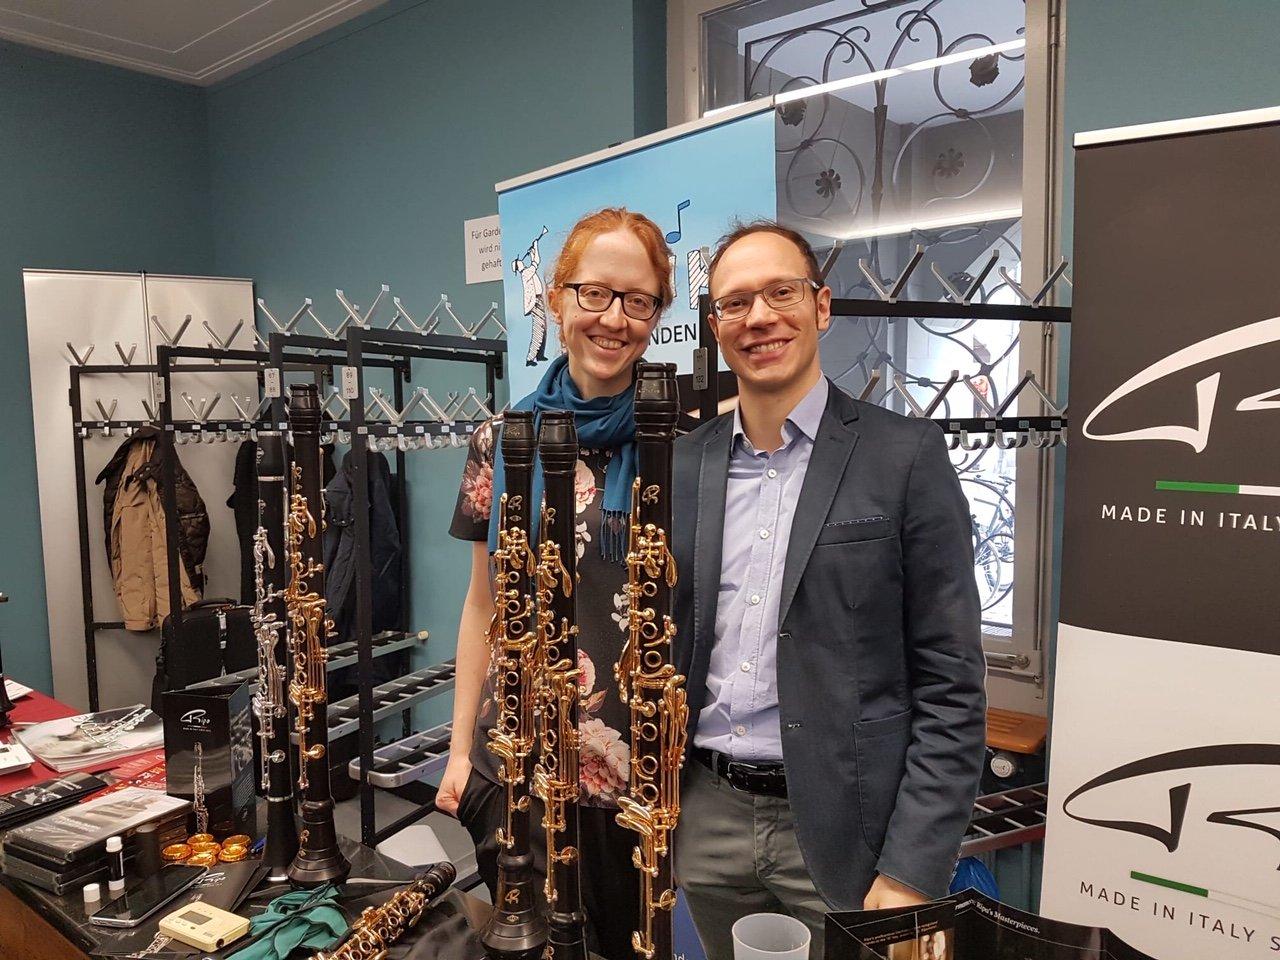 Berna esposizione clarinetti